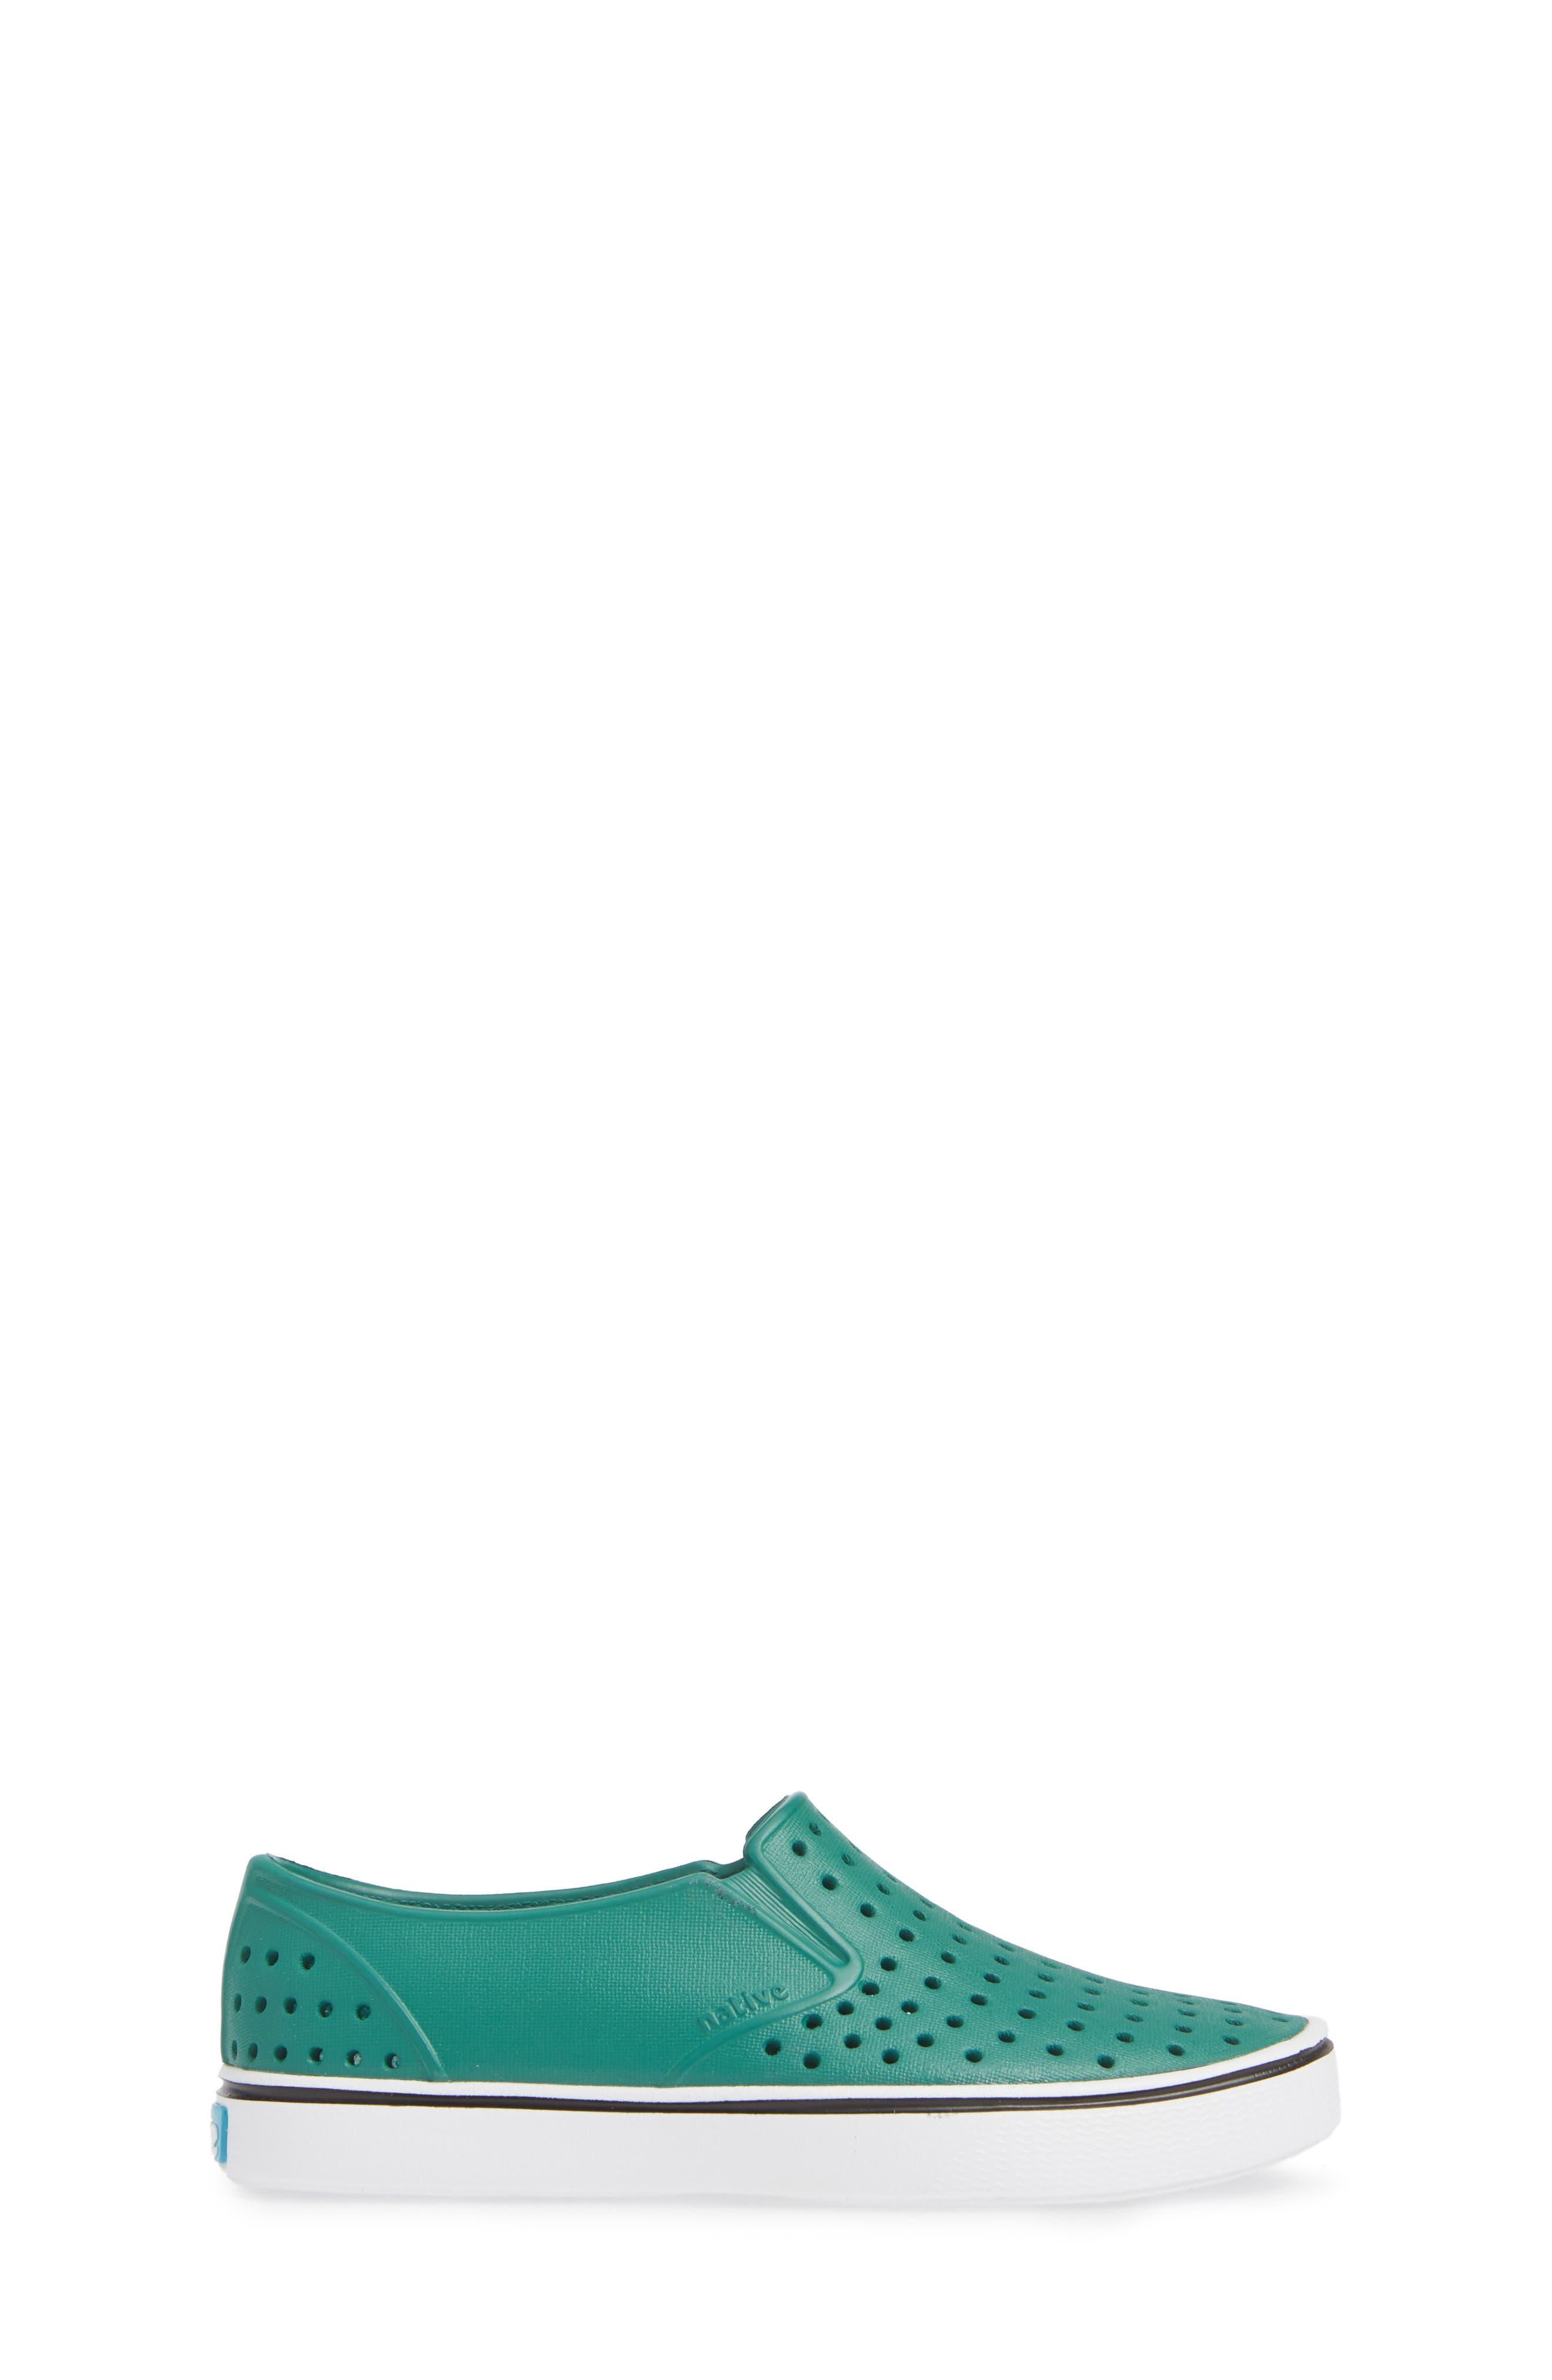 Miles Water Friendly Slip-On Vegan Sneaker,                             Alternate thumbnail 3, color,                             EVERGREEN/ SHELL WHITE